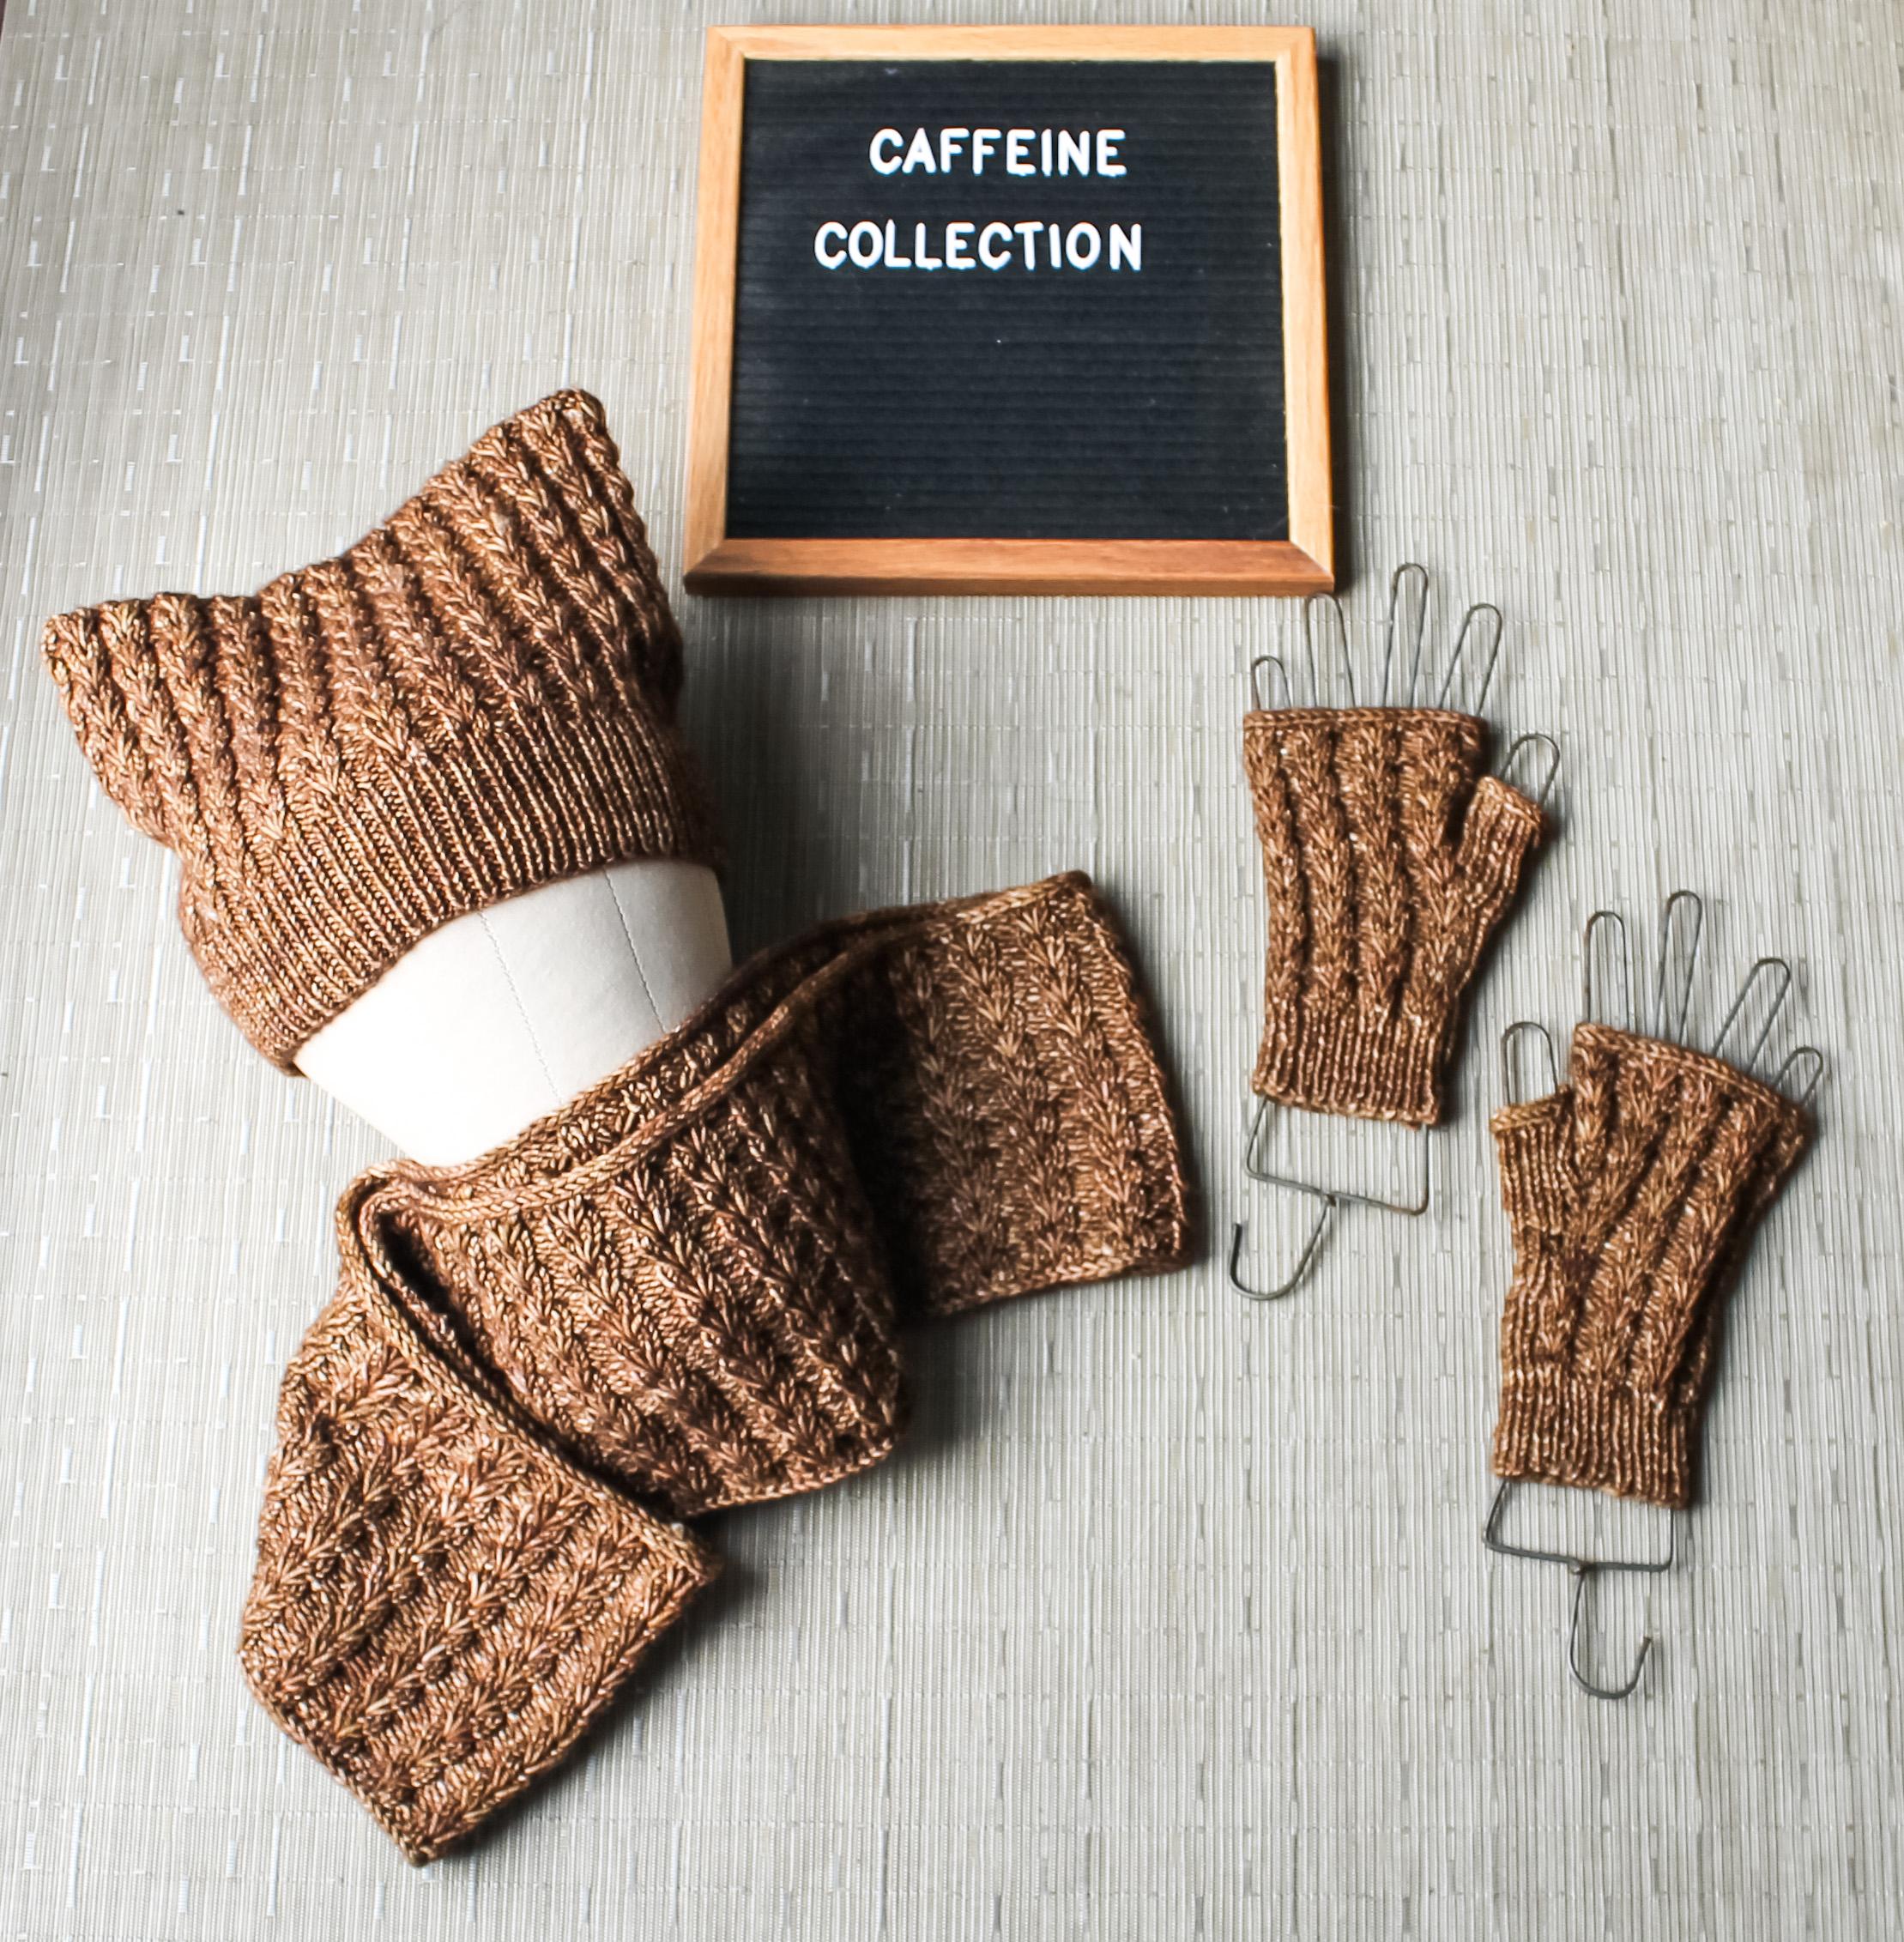 caffeine collection 3.jpg